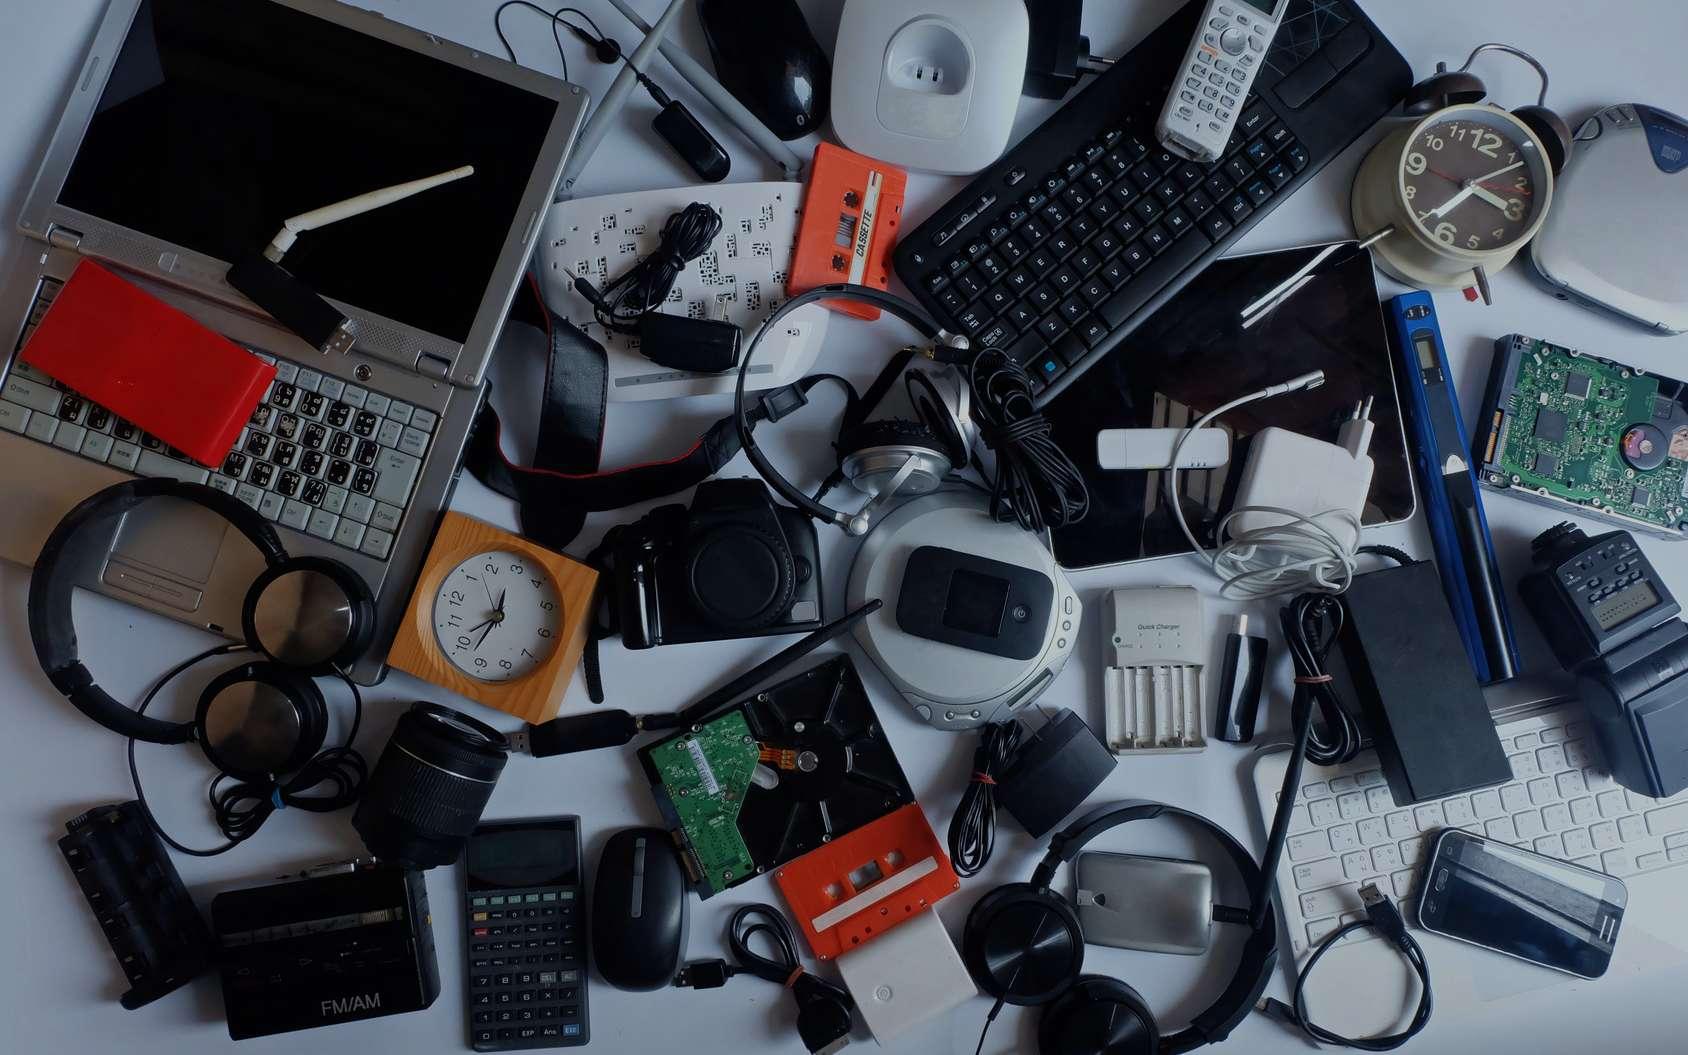 Le plastique noir provient souvent de déchets électroniques recyclés contenant des additifs chimiques. © damrong, Fotolia